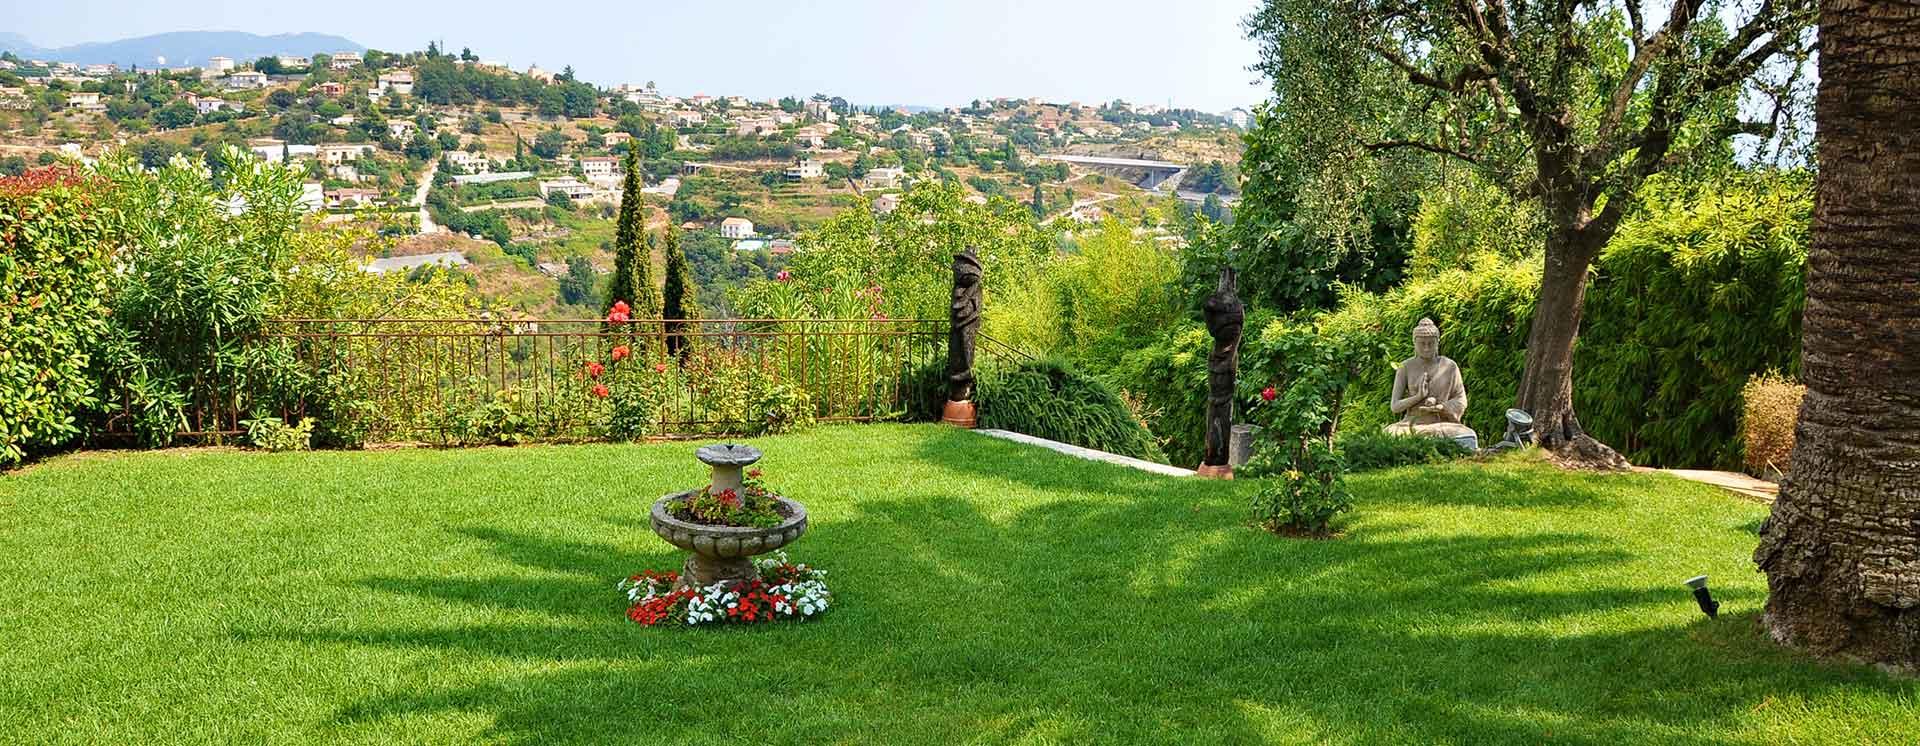 Paysagiste nice collines jardins 06 04 93 37 84 31 for Paysagiste 37